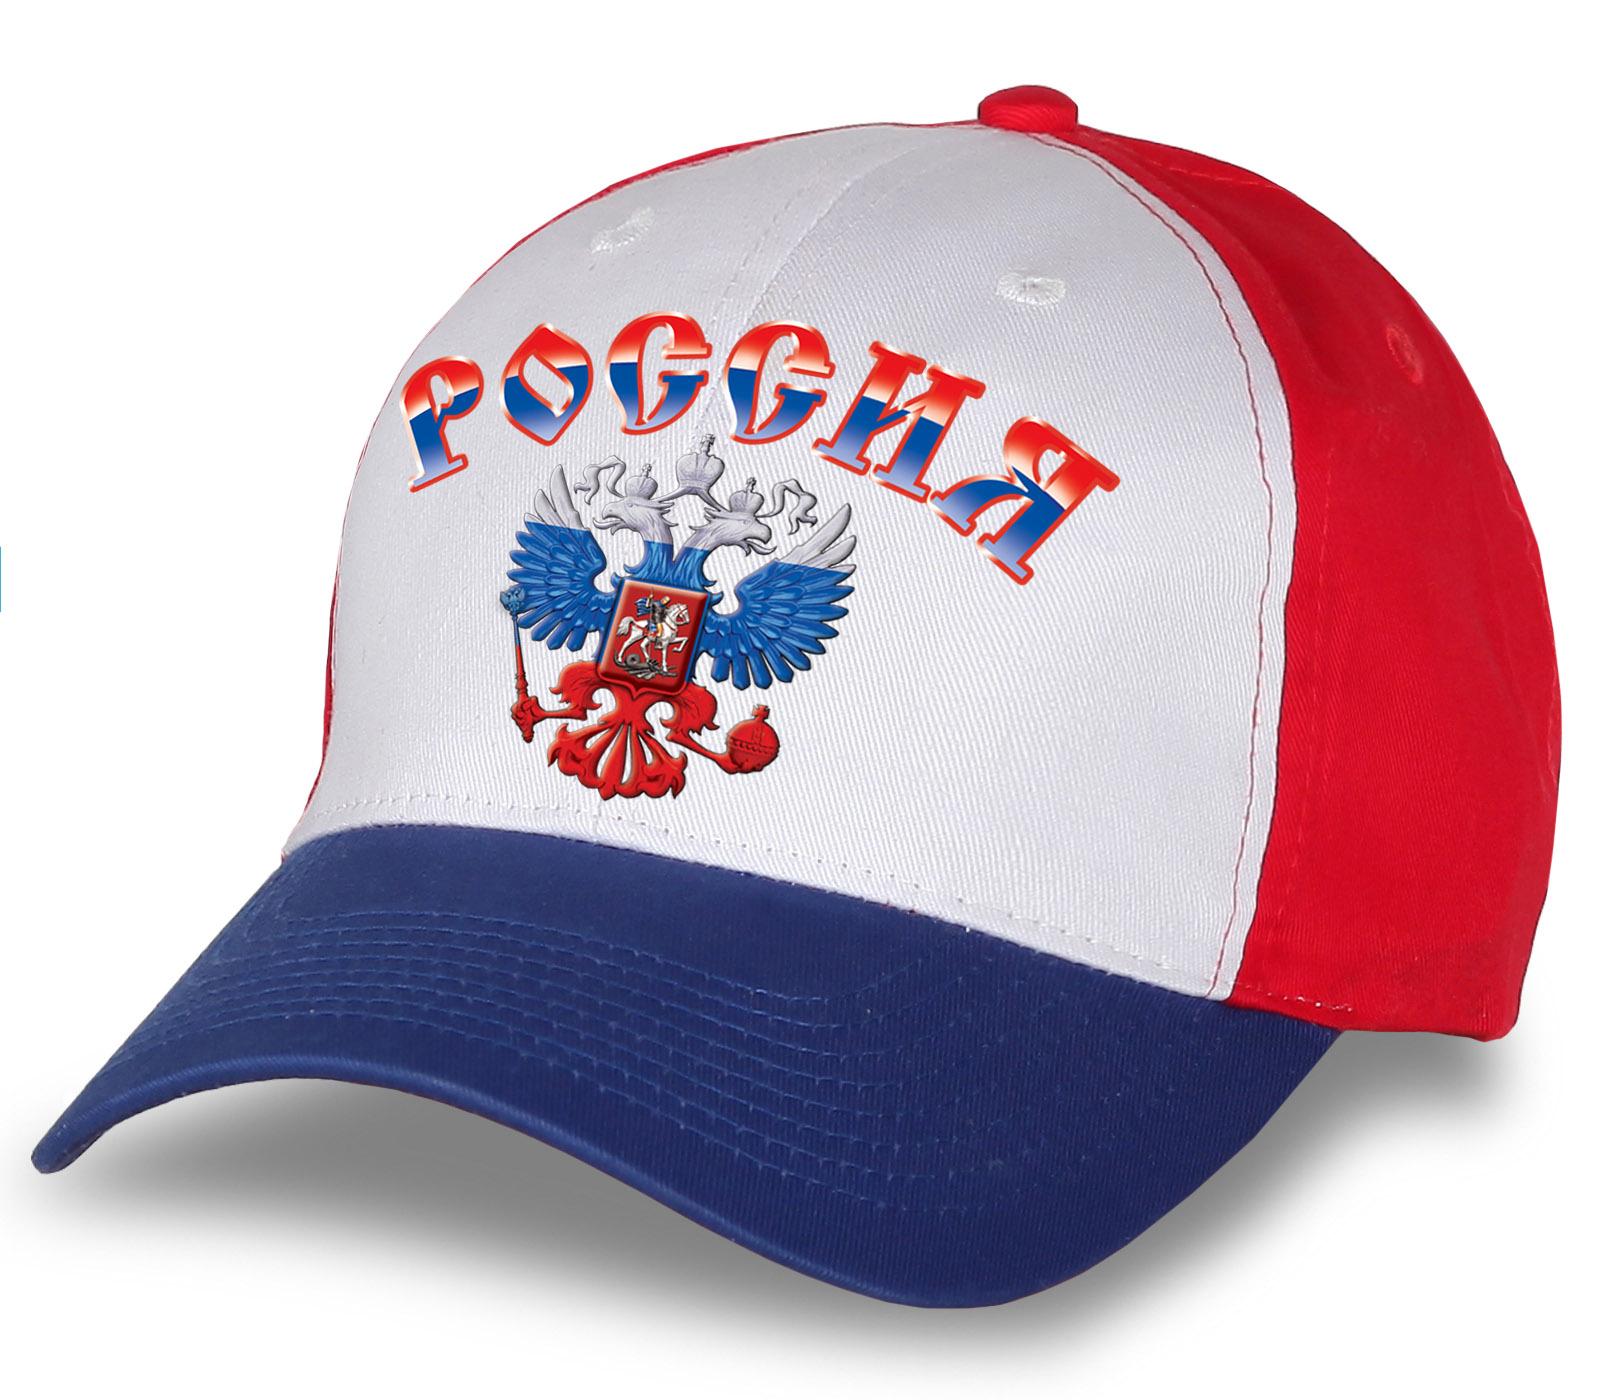 Бело-сине-красная кепка отменного качества. Незаменимый головной убор для болельщика и патриота. Ограниченная серия, успей заказать!